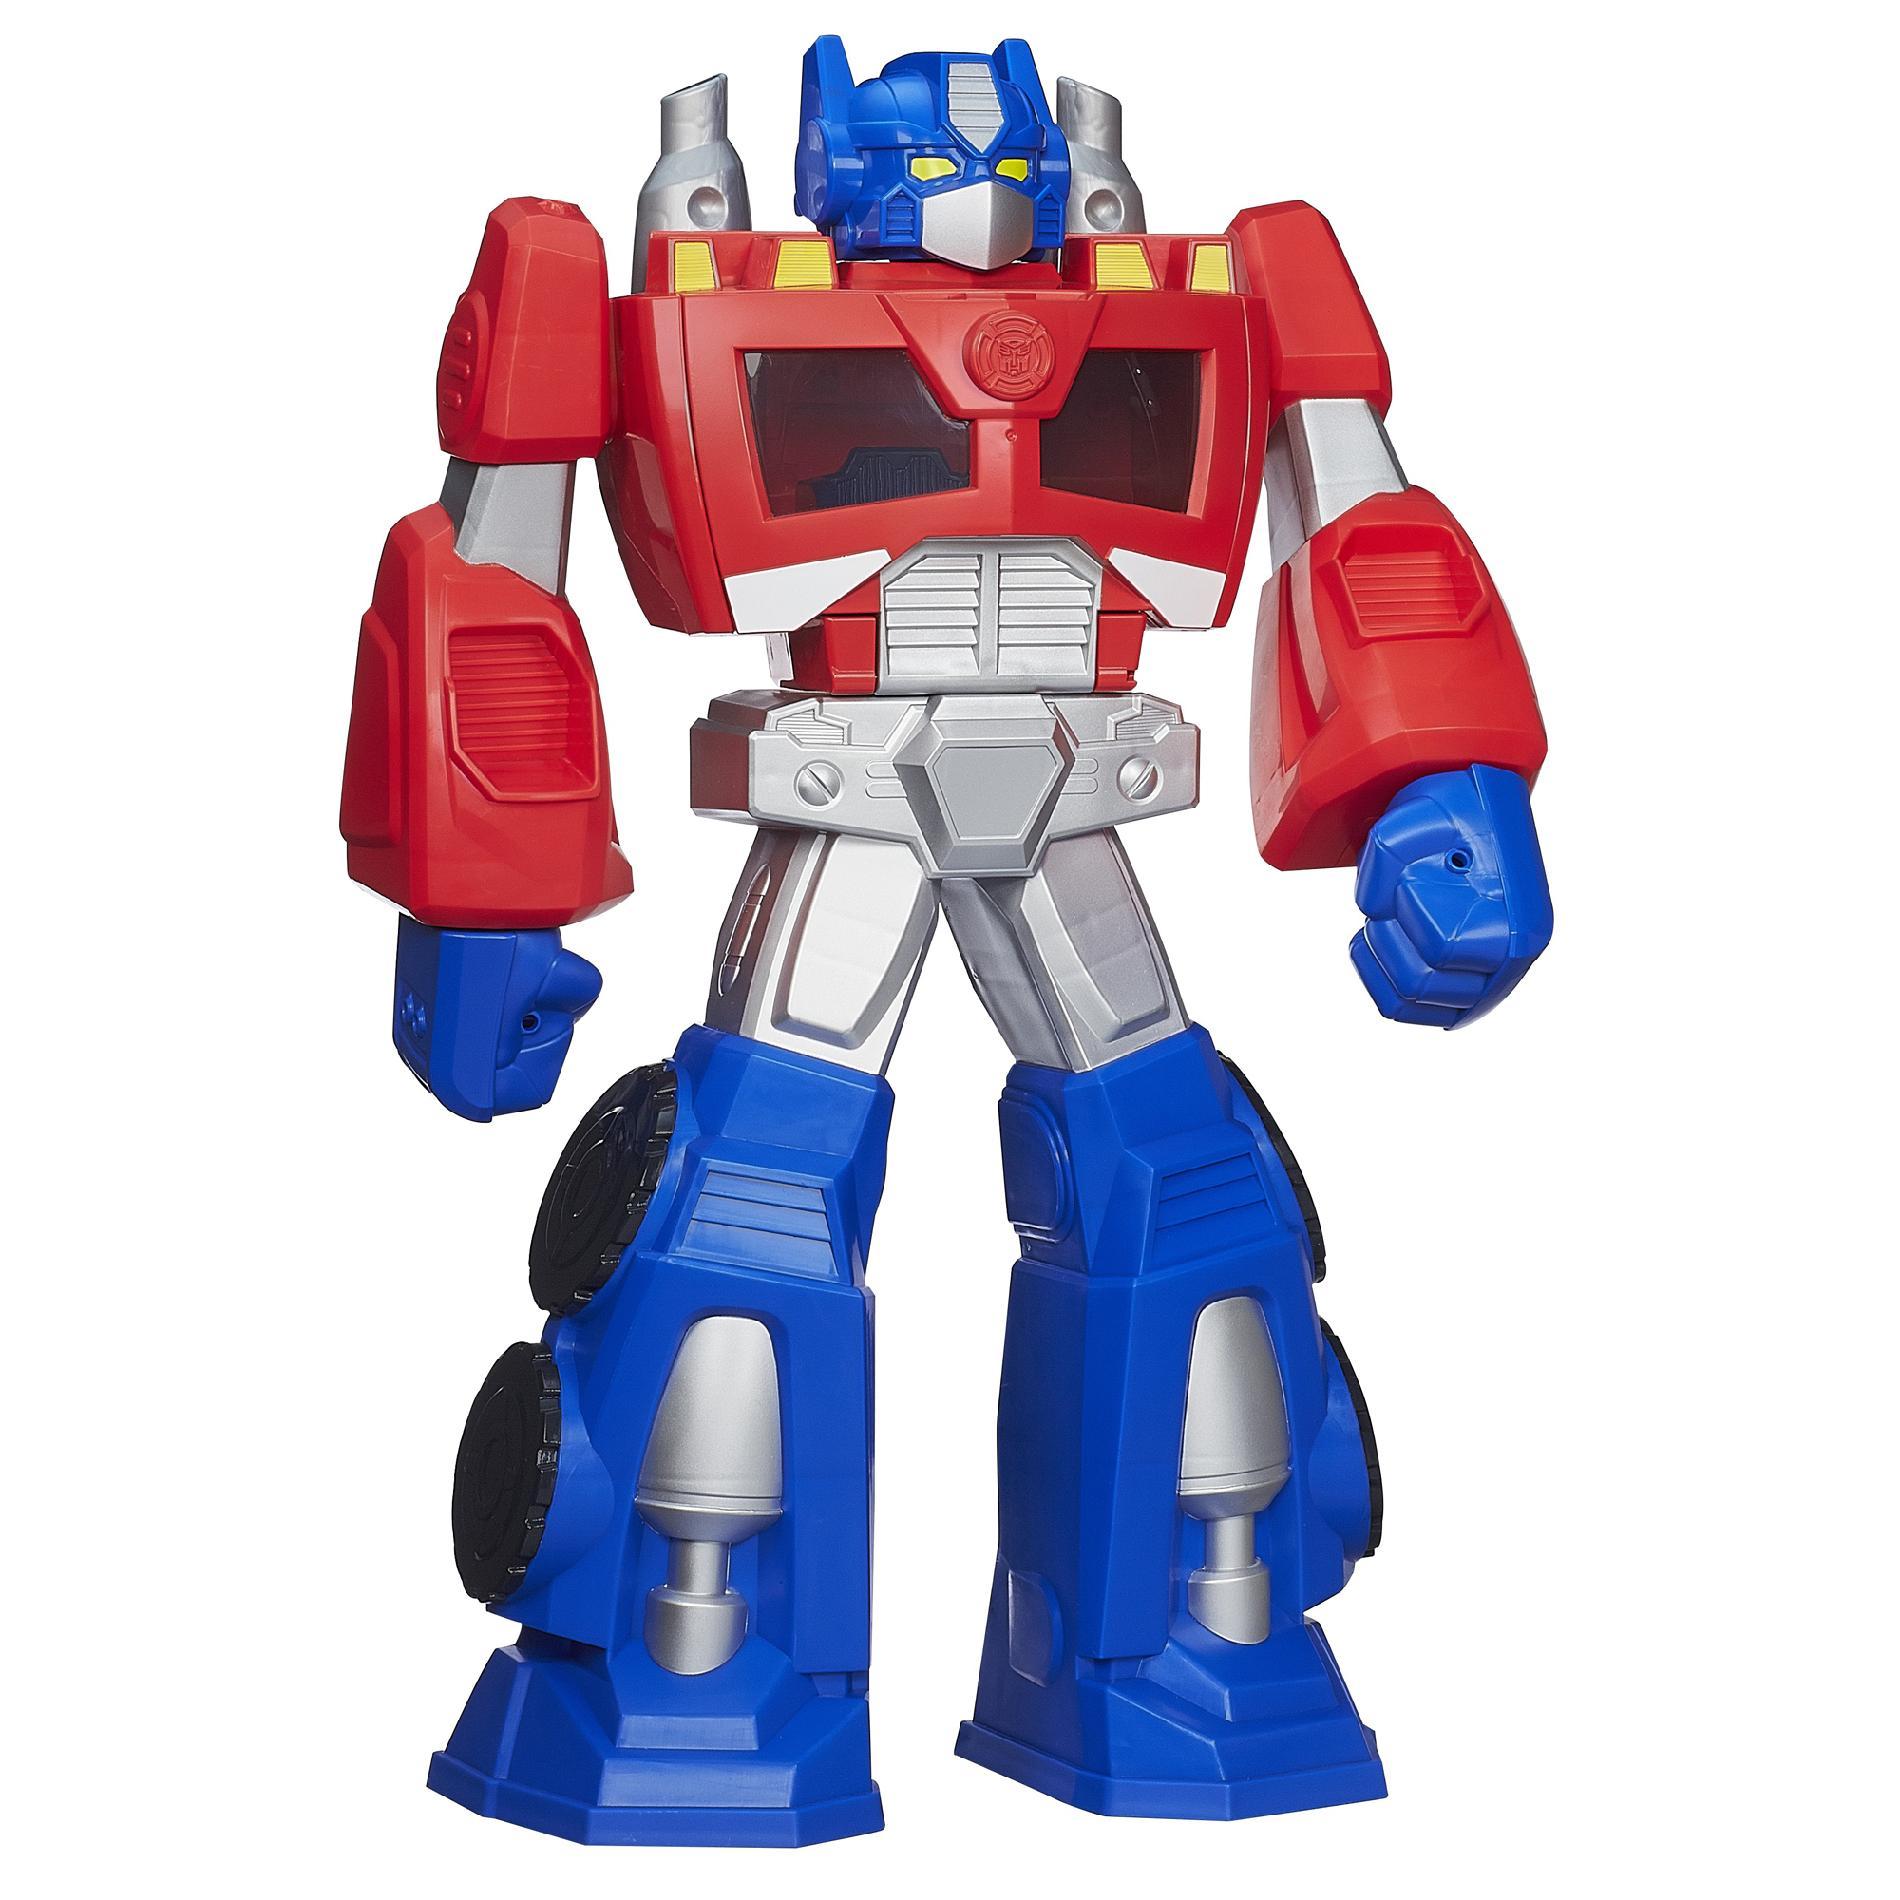 Optimus Prime Transformer Clip Art-Optimus Prime Transformer Clip Art-15